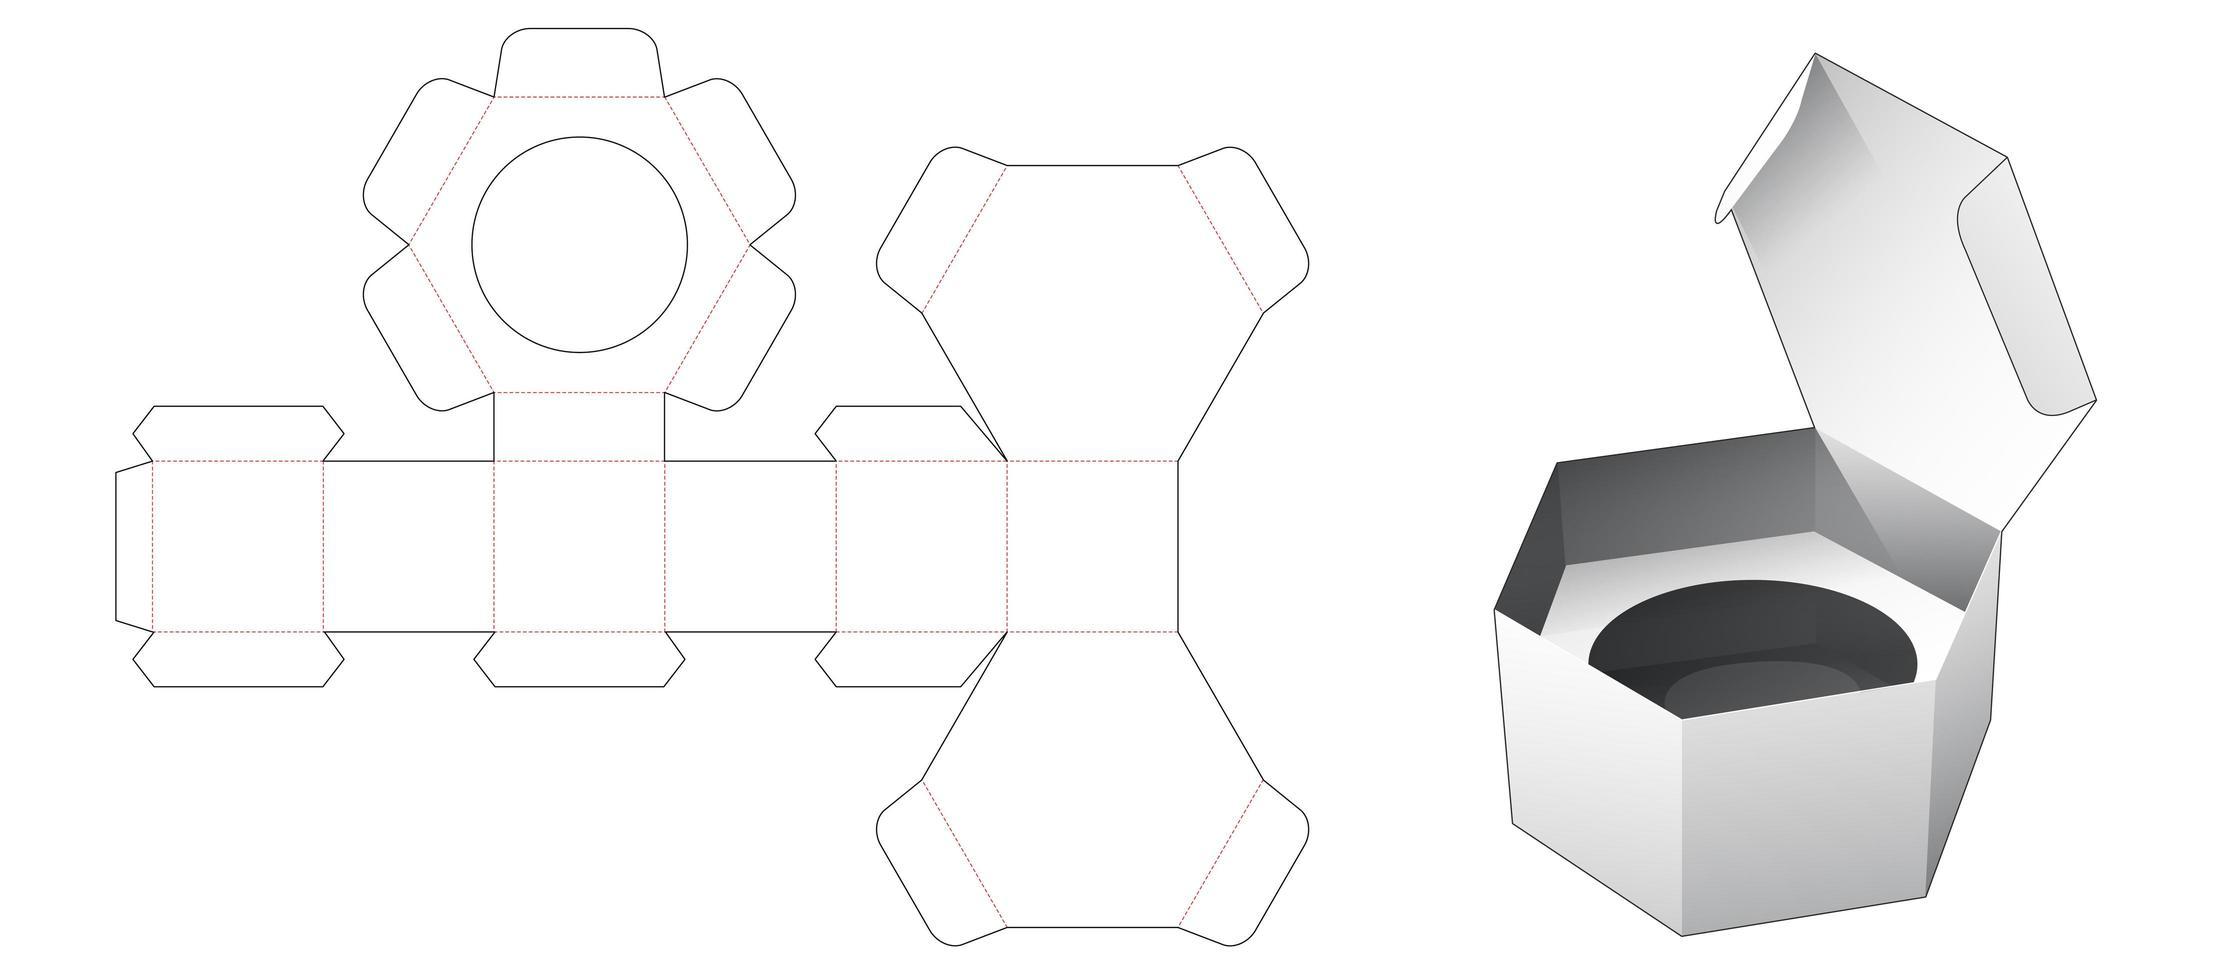 1 Stück sechseckige Kartonverpackung mit Einsatz vektor